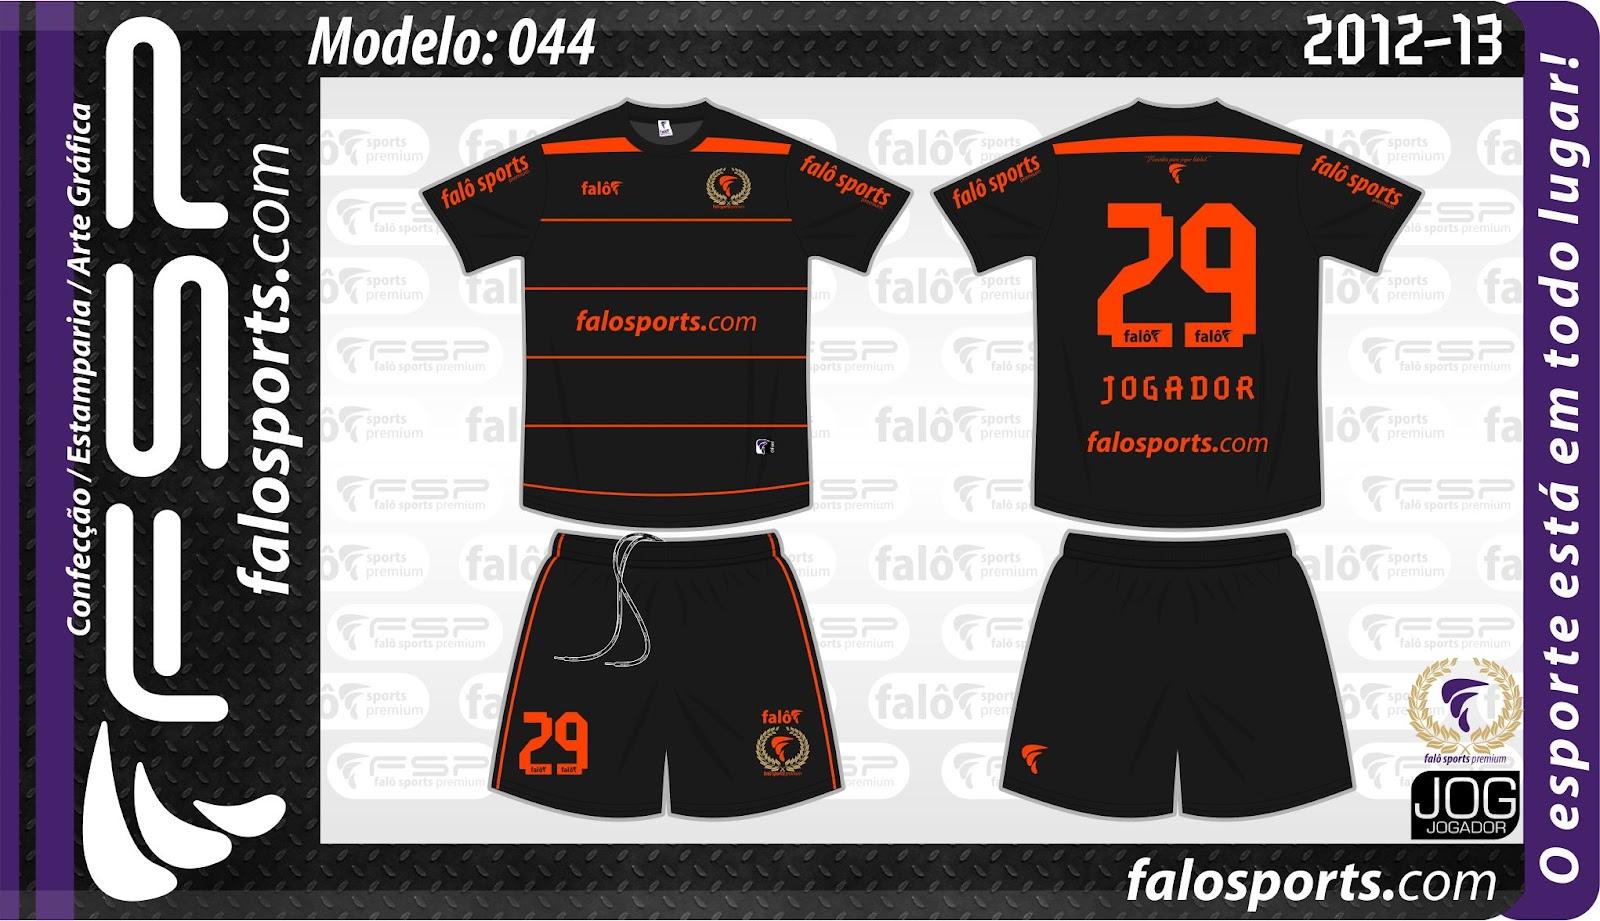 b53647ead4 14 dos 50 uniformes da coleção 2012 2013 da Falô